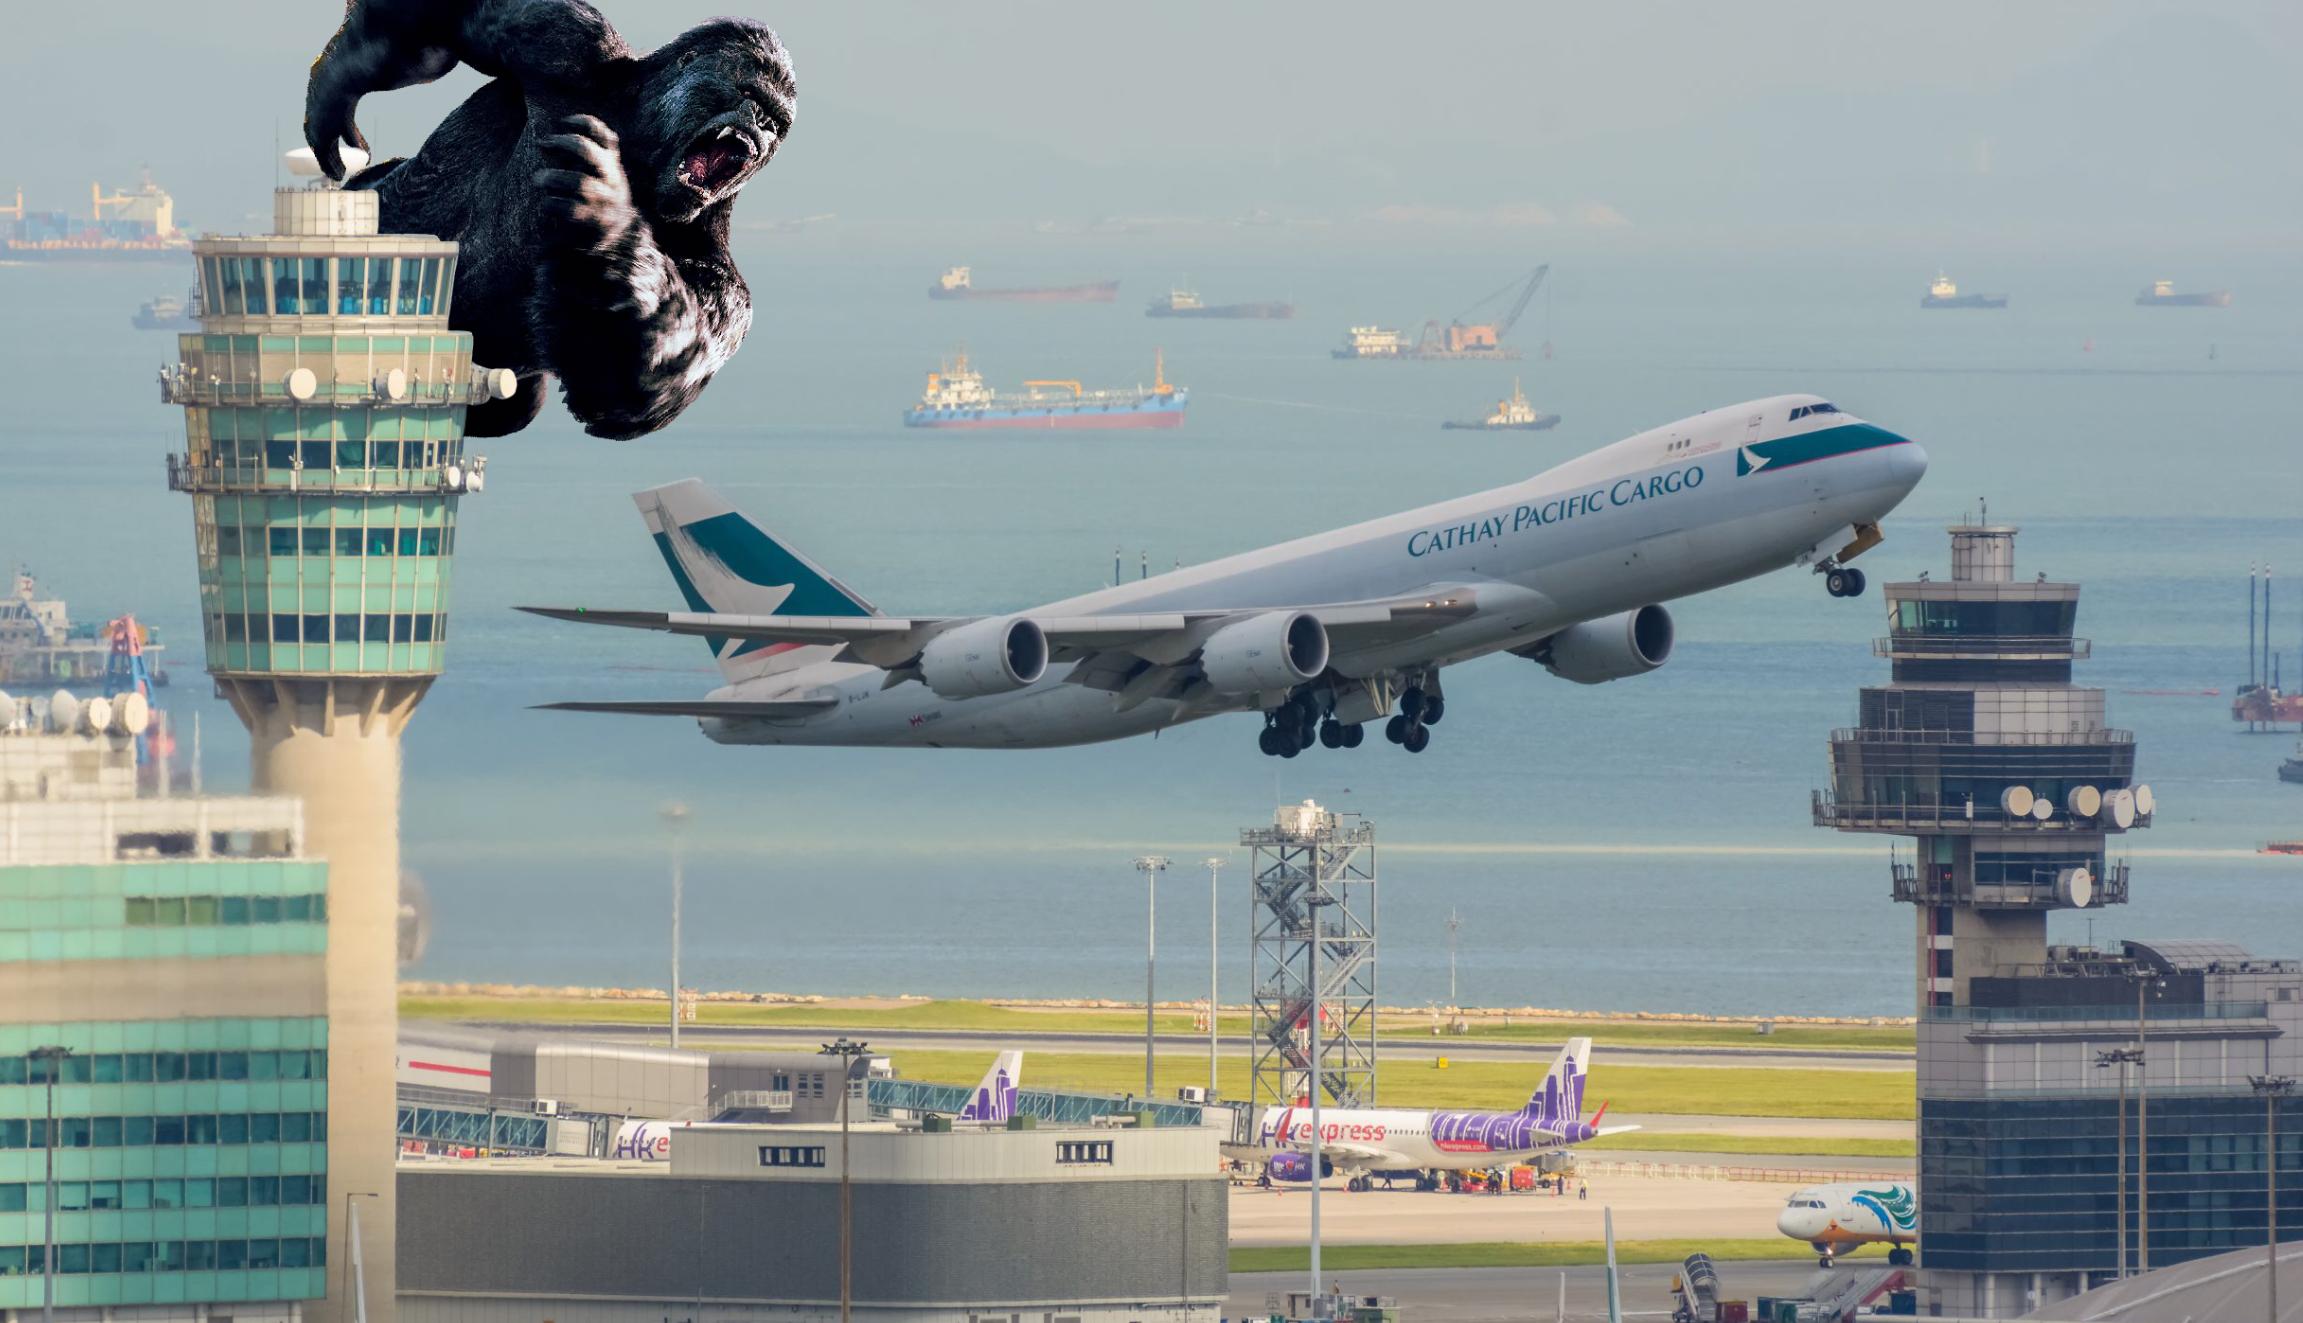 Hong Kong: King of the Airports